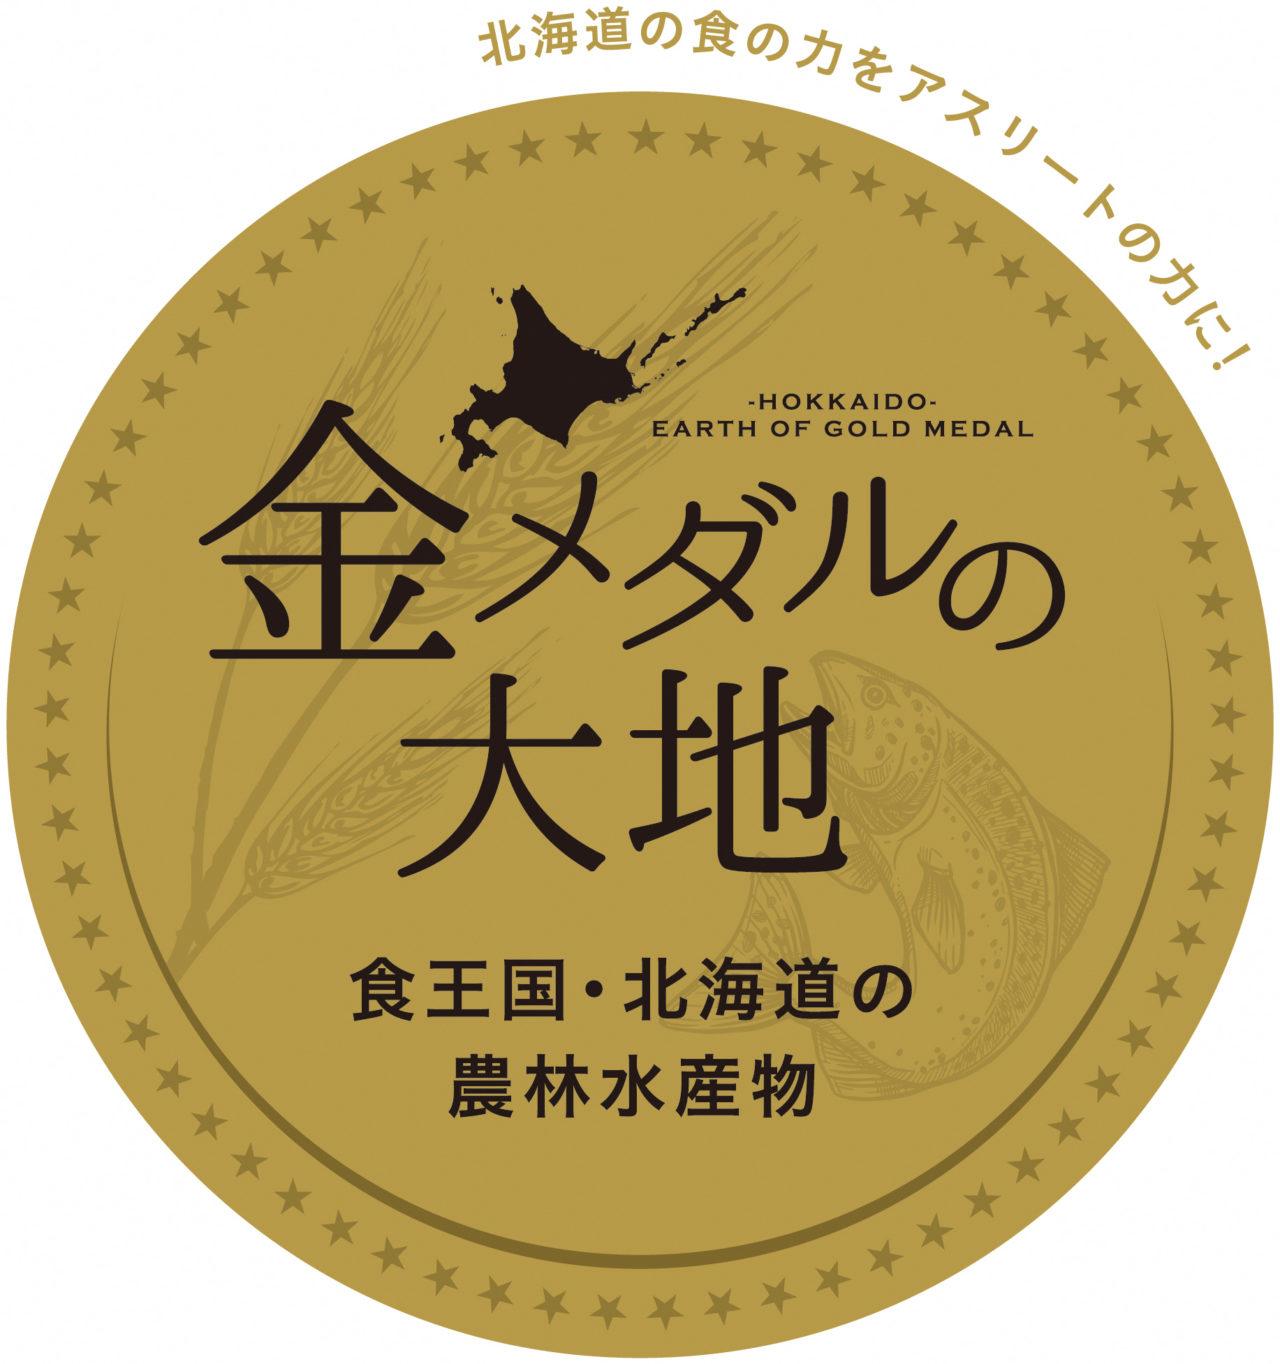 金メダルの大地